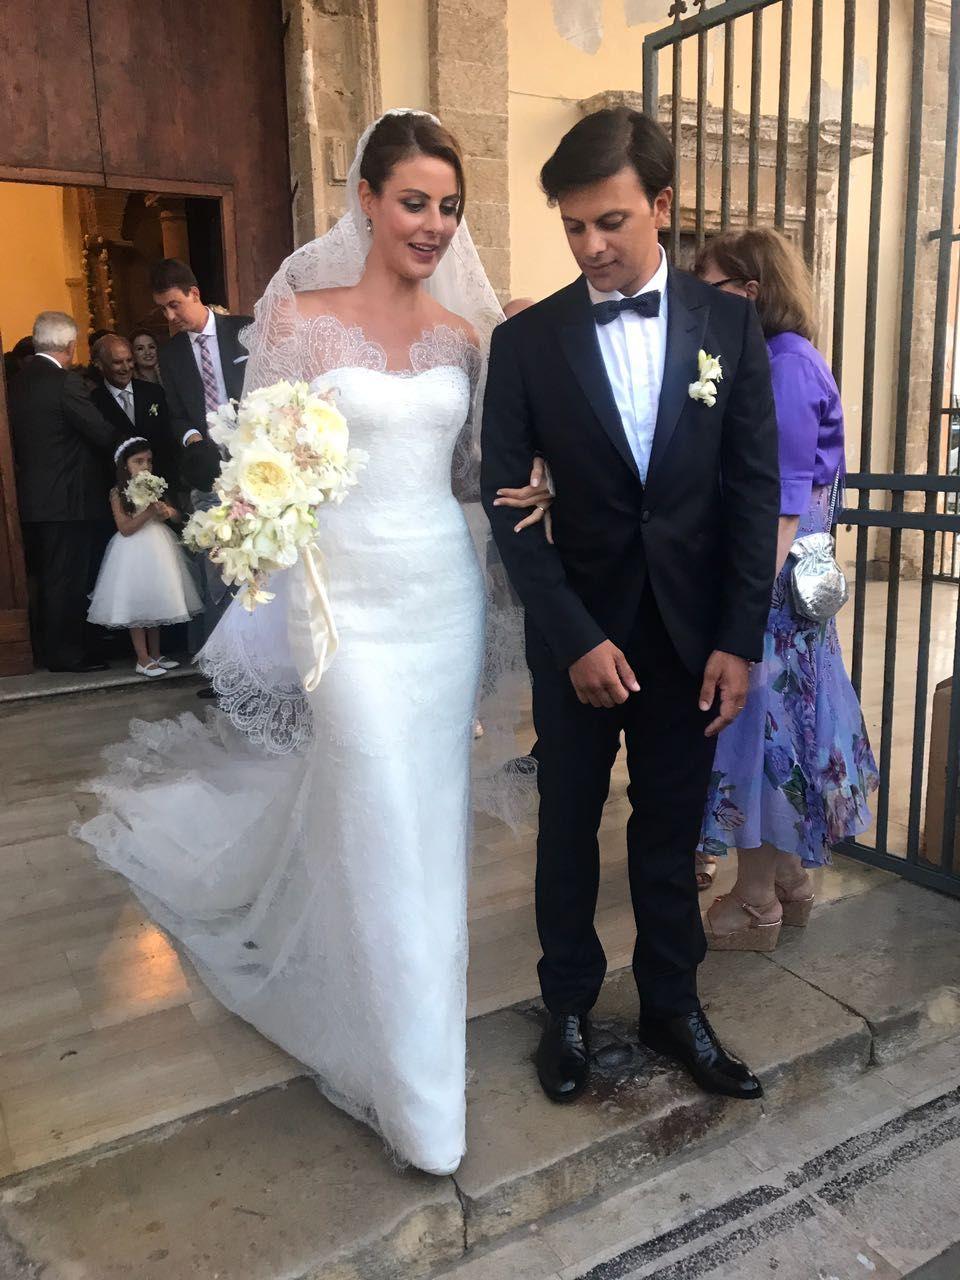 Casamento de deputada paranaense movimenta castelo na Itália nesta sexta-feira. Assista